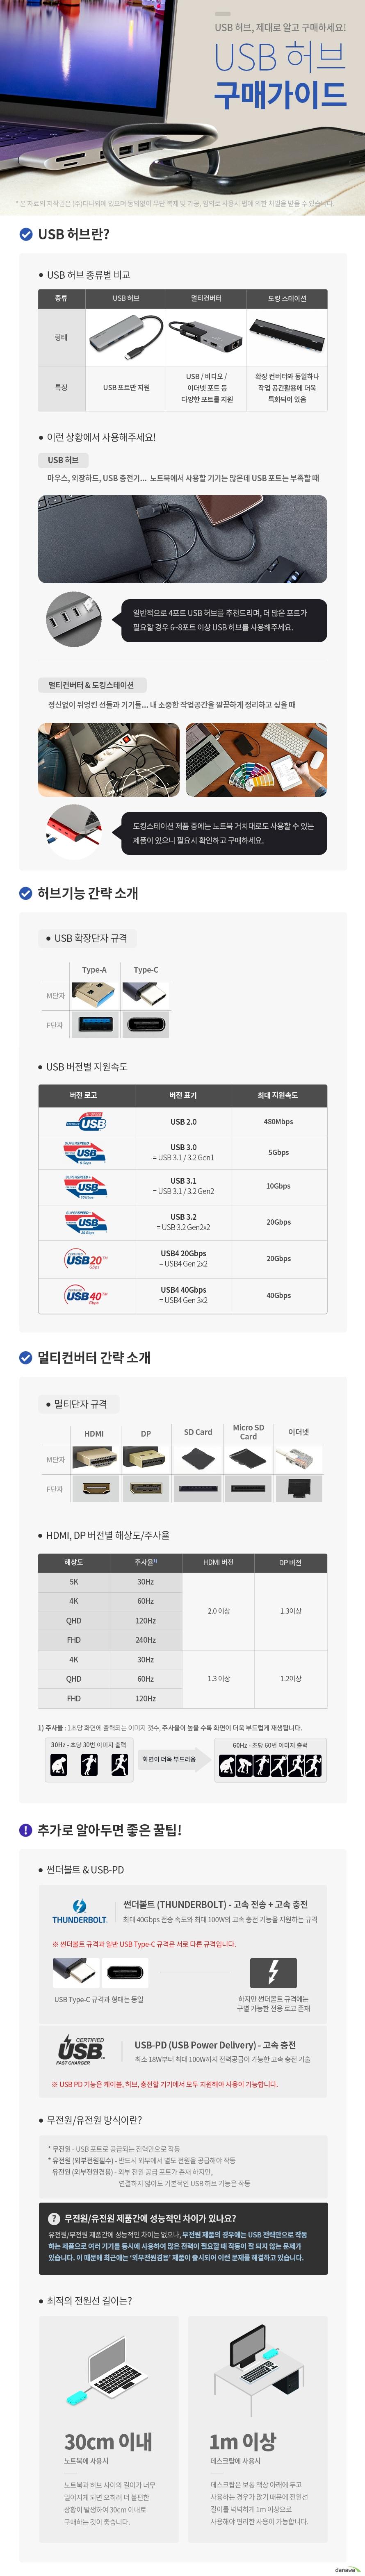 라이트컴 COMS IB303 (4포트/USB 3.1 Type C)